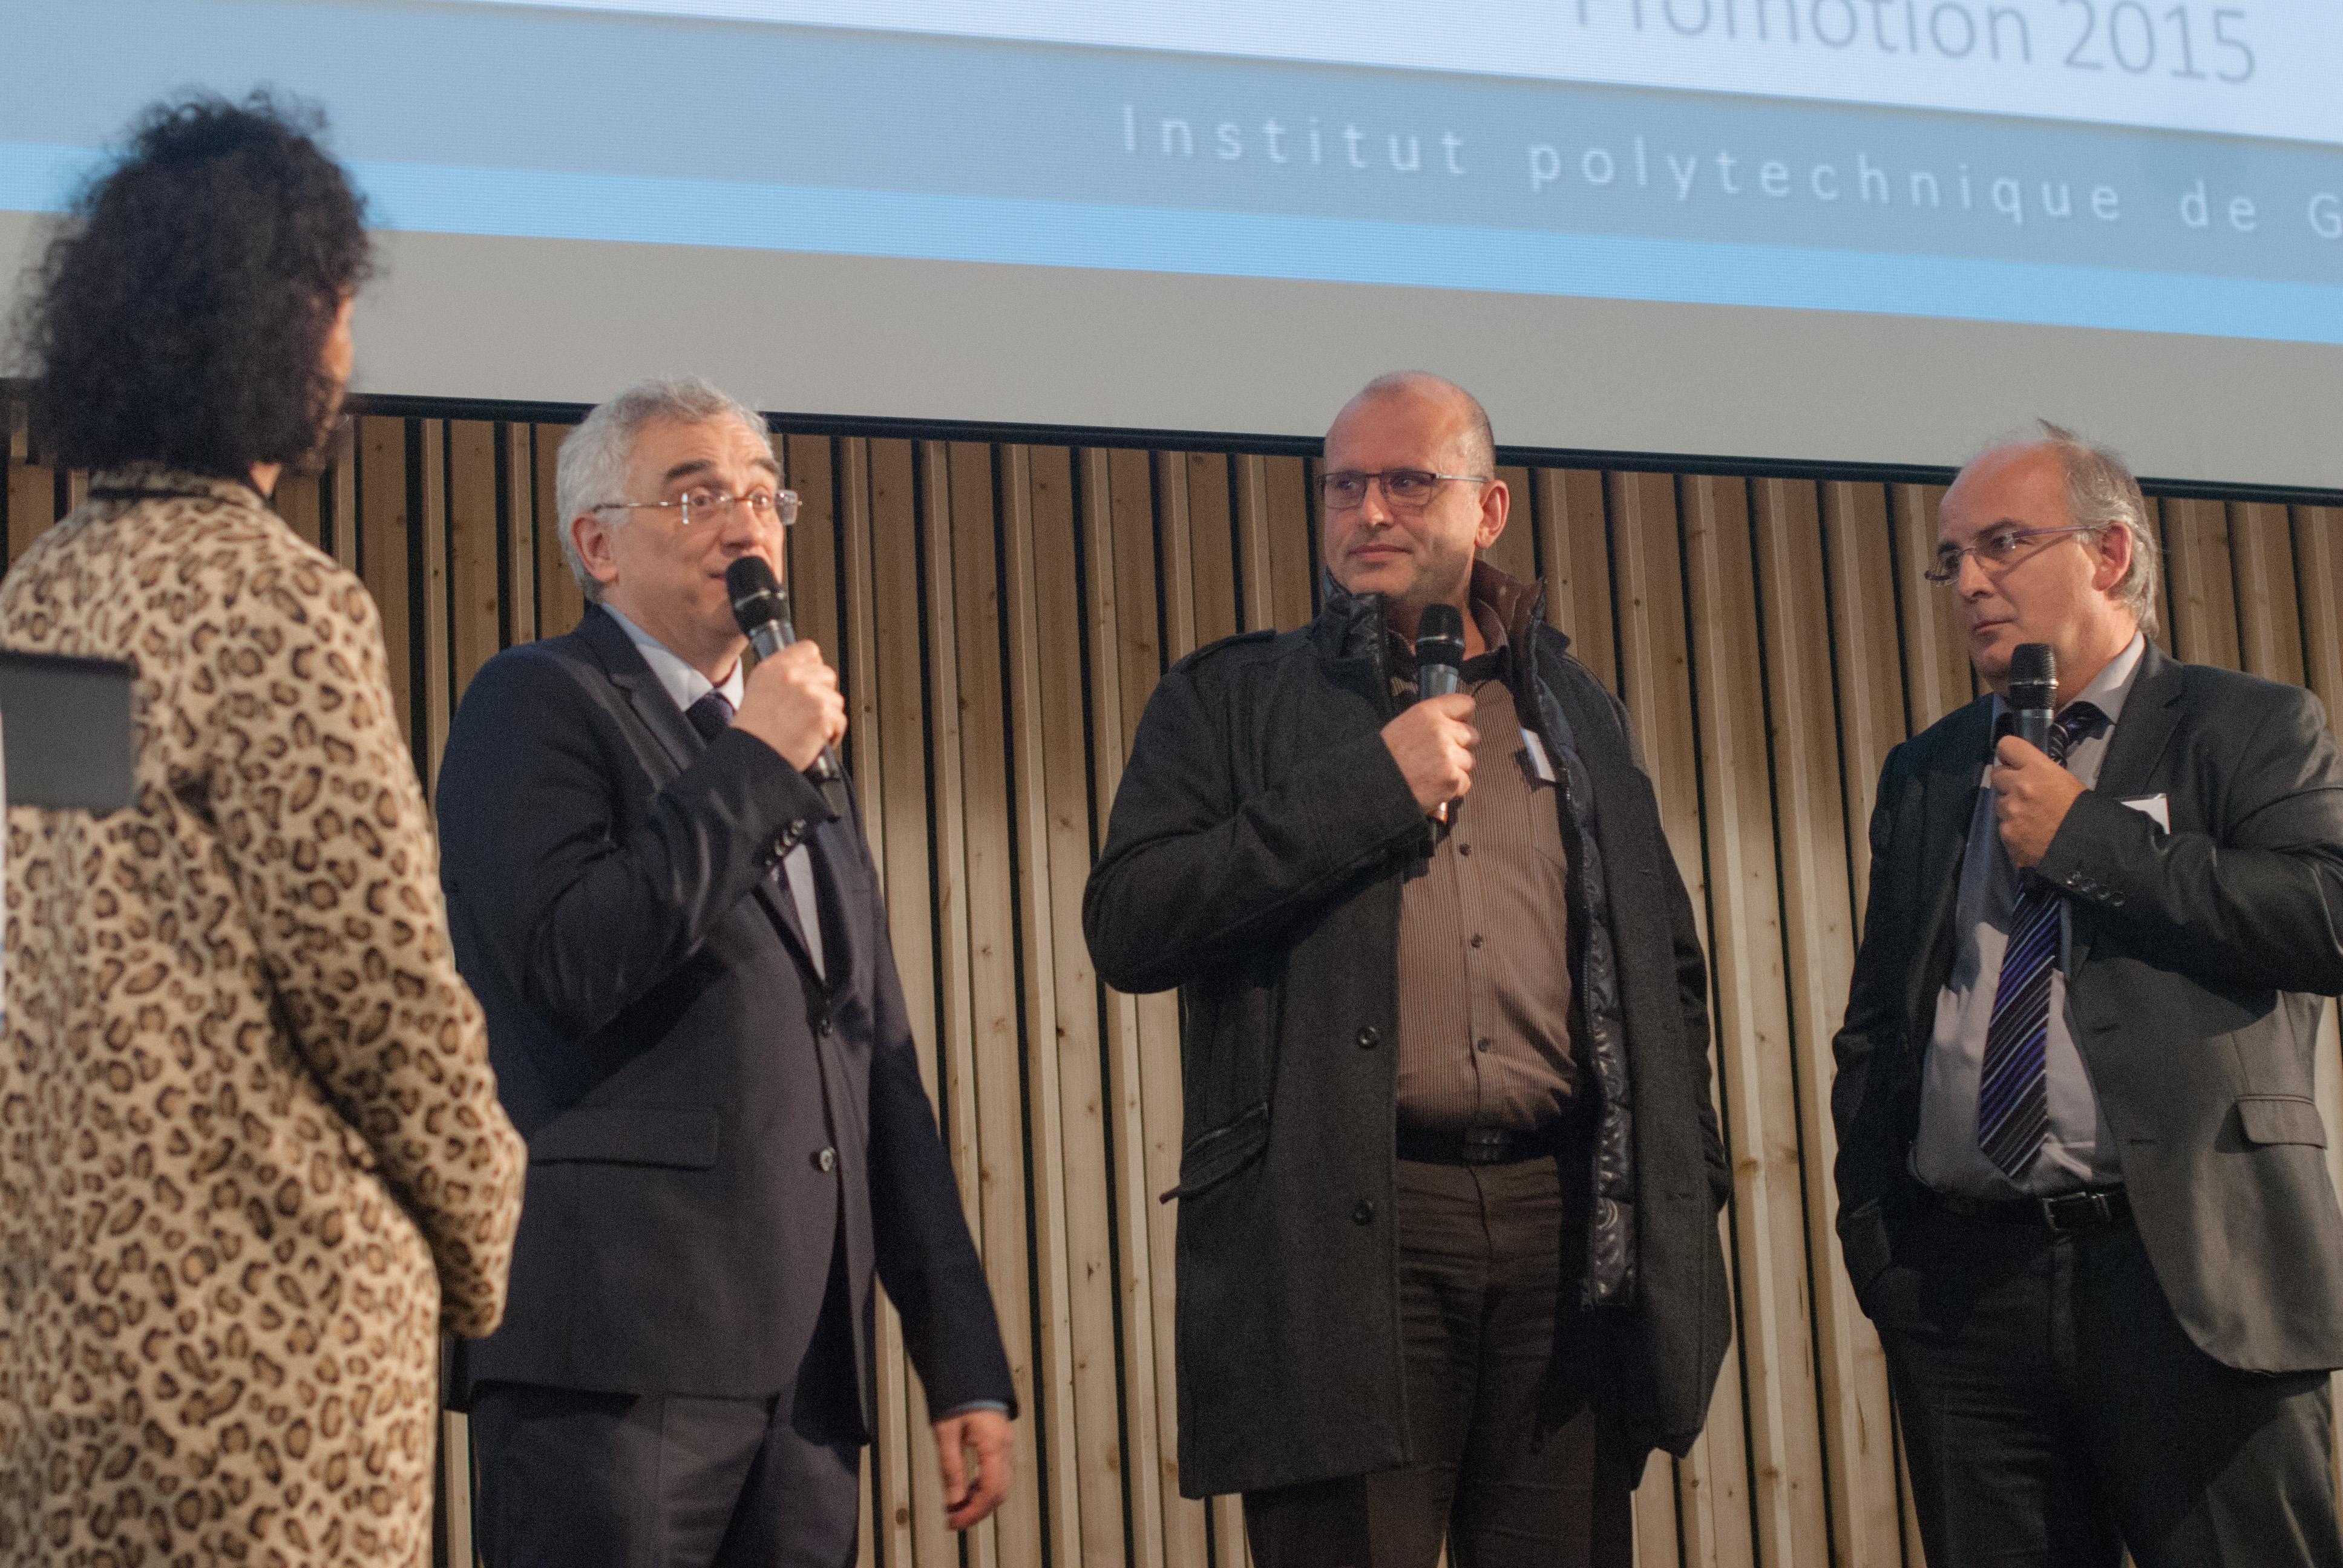 Remise des diplômes pour Eric Richard, en compagnie de Jean-Marc Dedulle, Directeur du Département Formation Continue et Brigitte Plateau, administrateur général de Grenoble INP